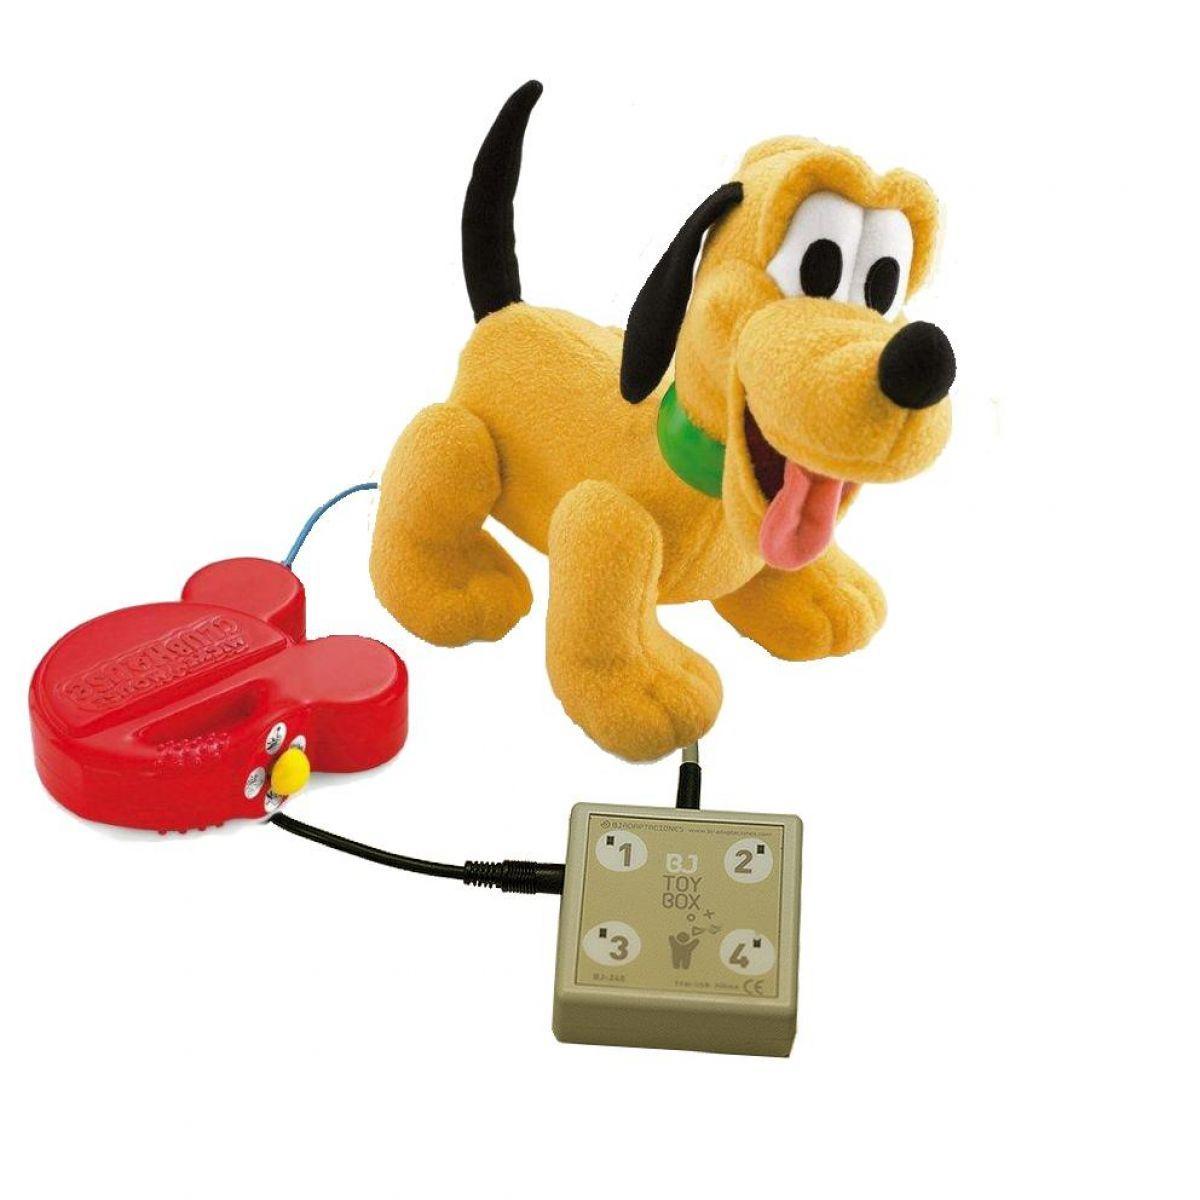 Fonkelnieuw Bedien speelgoed met computer of communicatiehulpmiddel · rdgKompagne QE-55